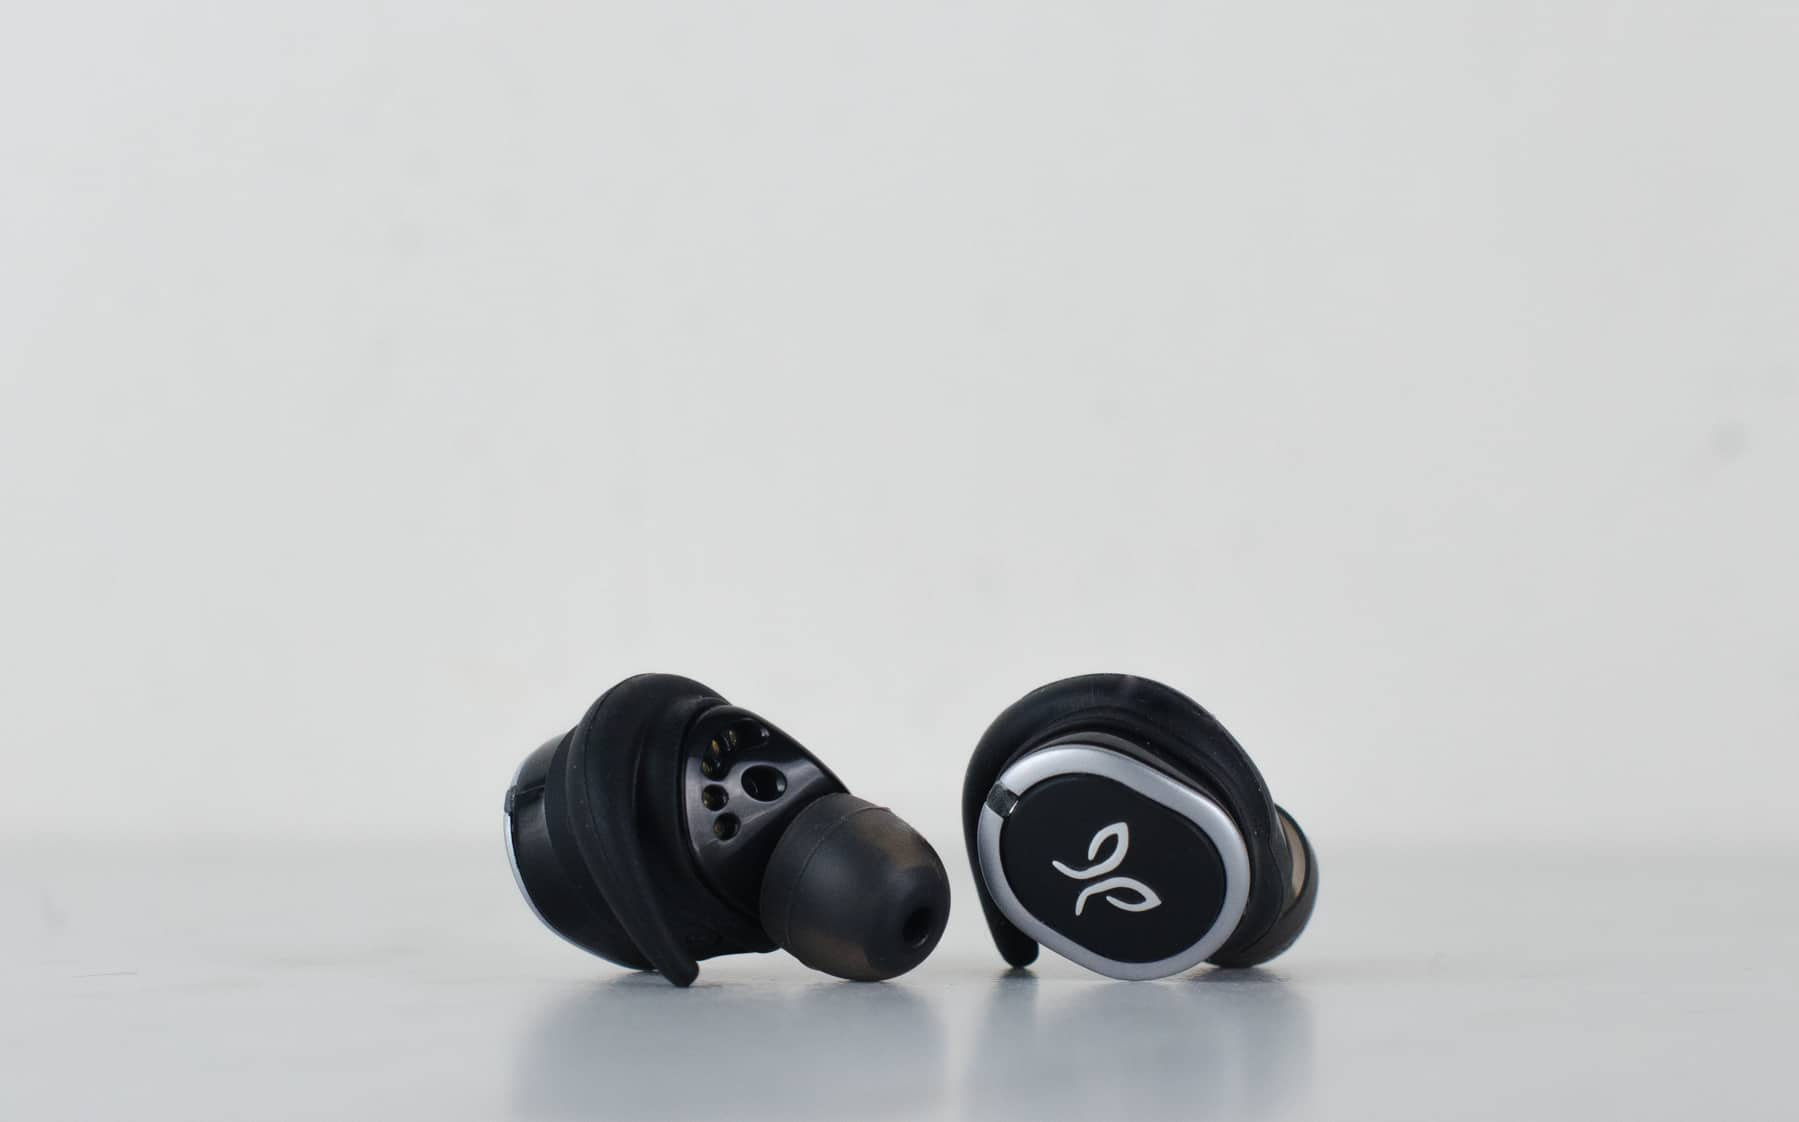 Jaybird RUN Wireless Headphones Review 1